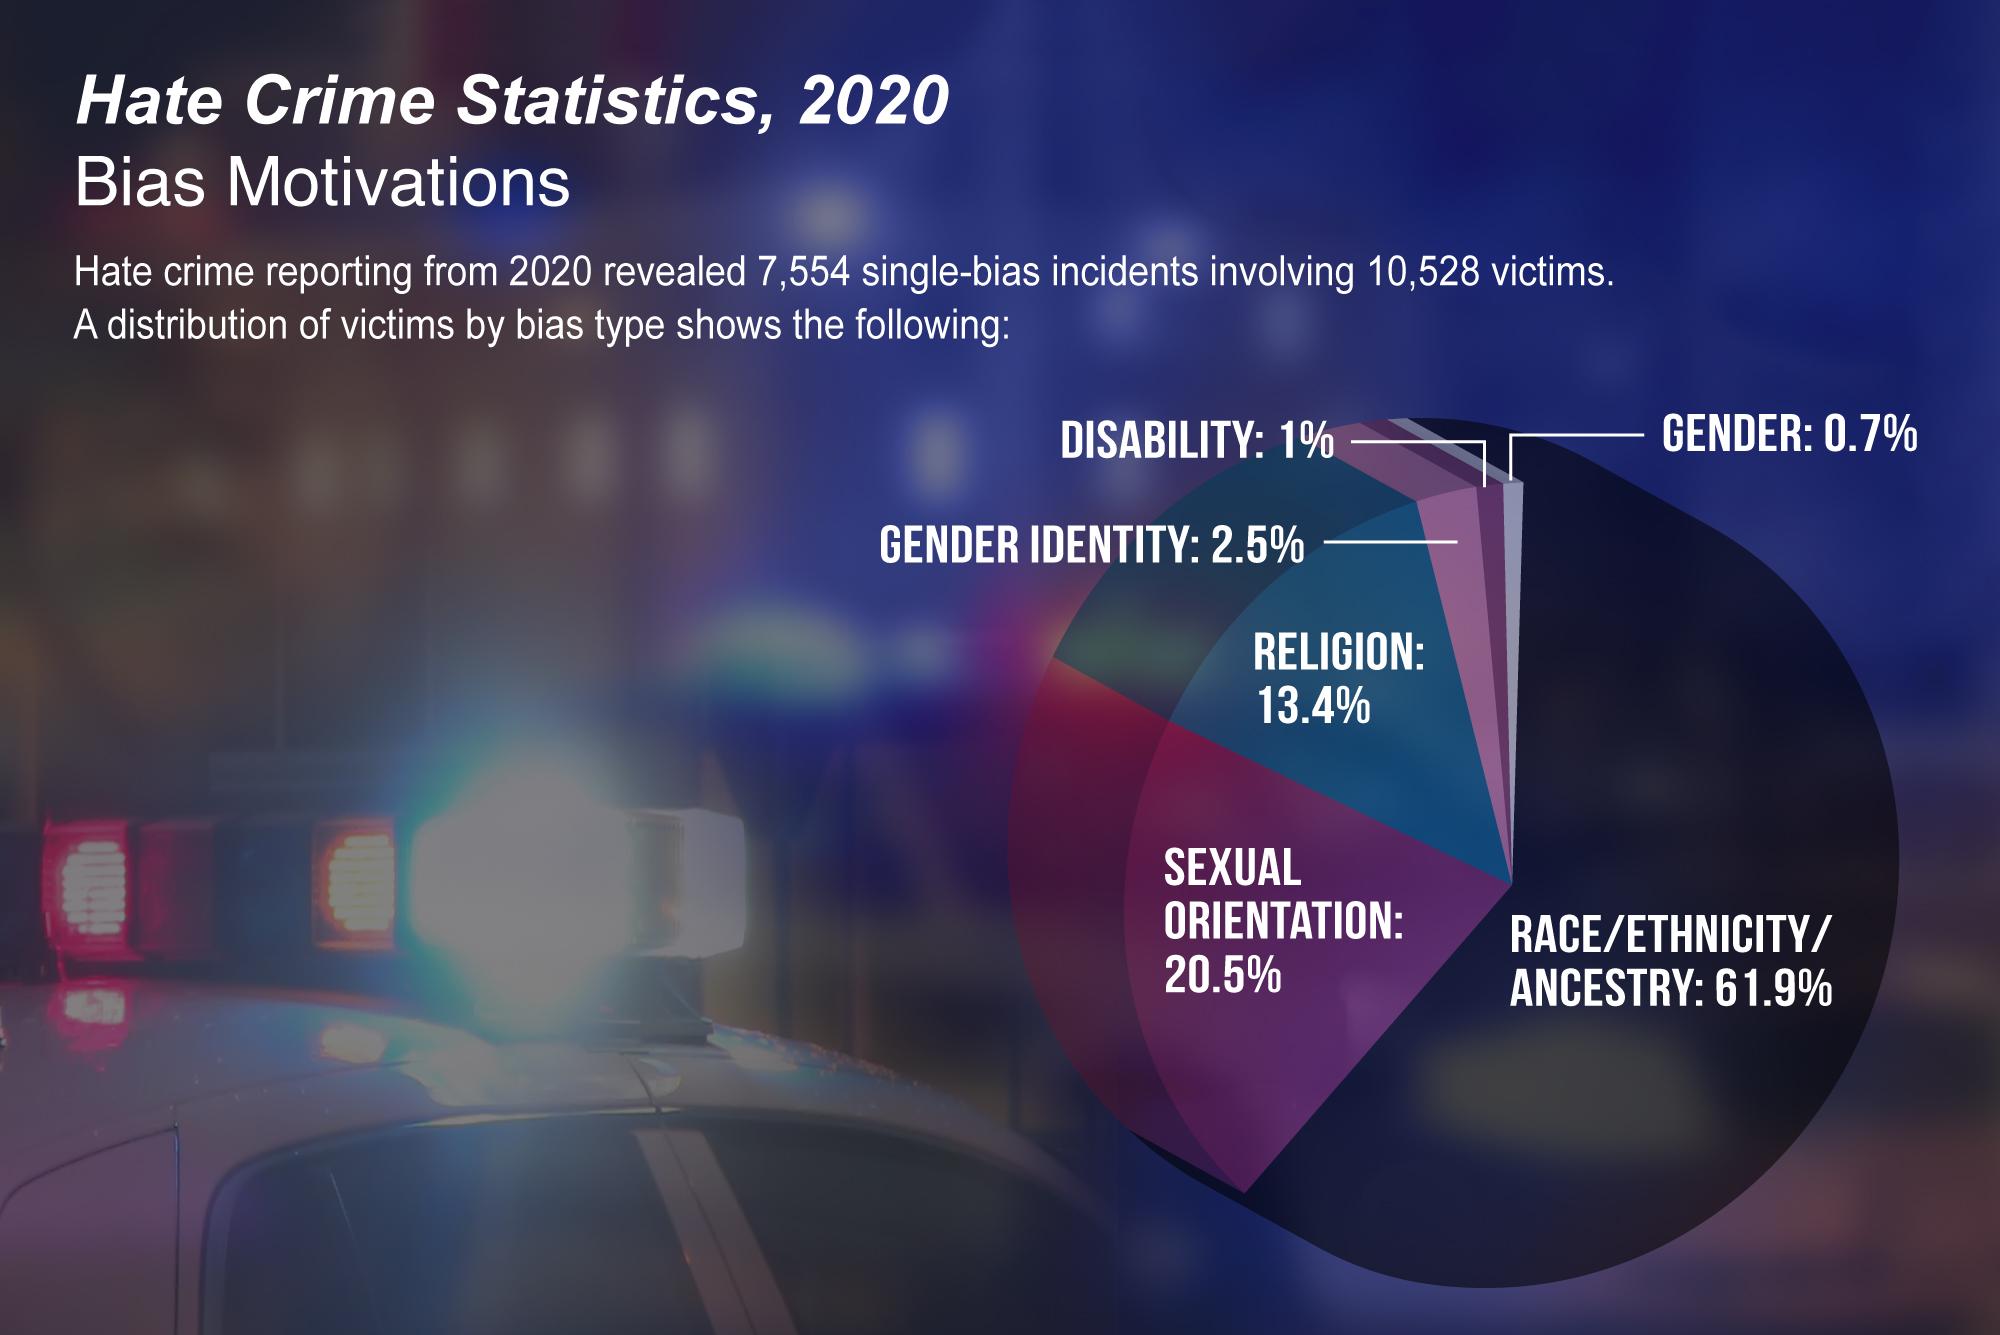 ФБР публикует данные о преступлениях ненависти в США за 2020 год